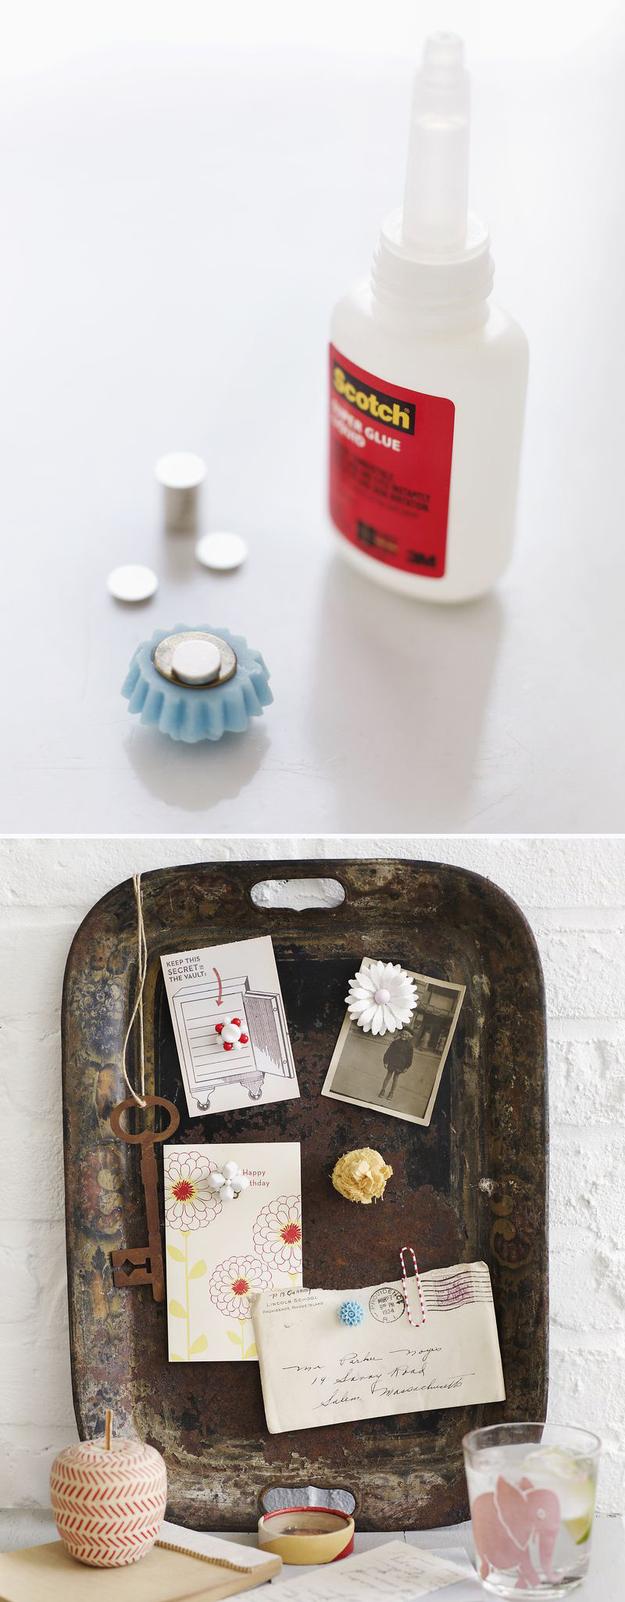 Идеи использования сломанных вещей: сломанные броши